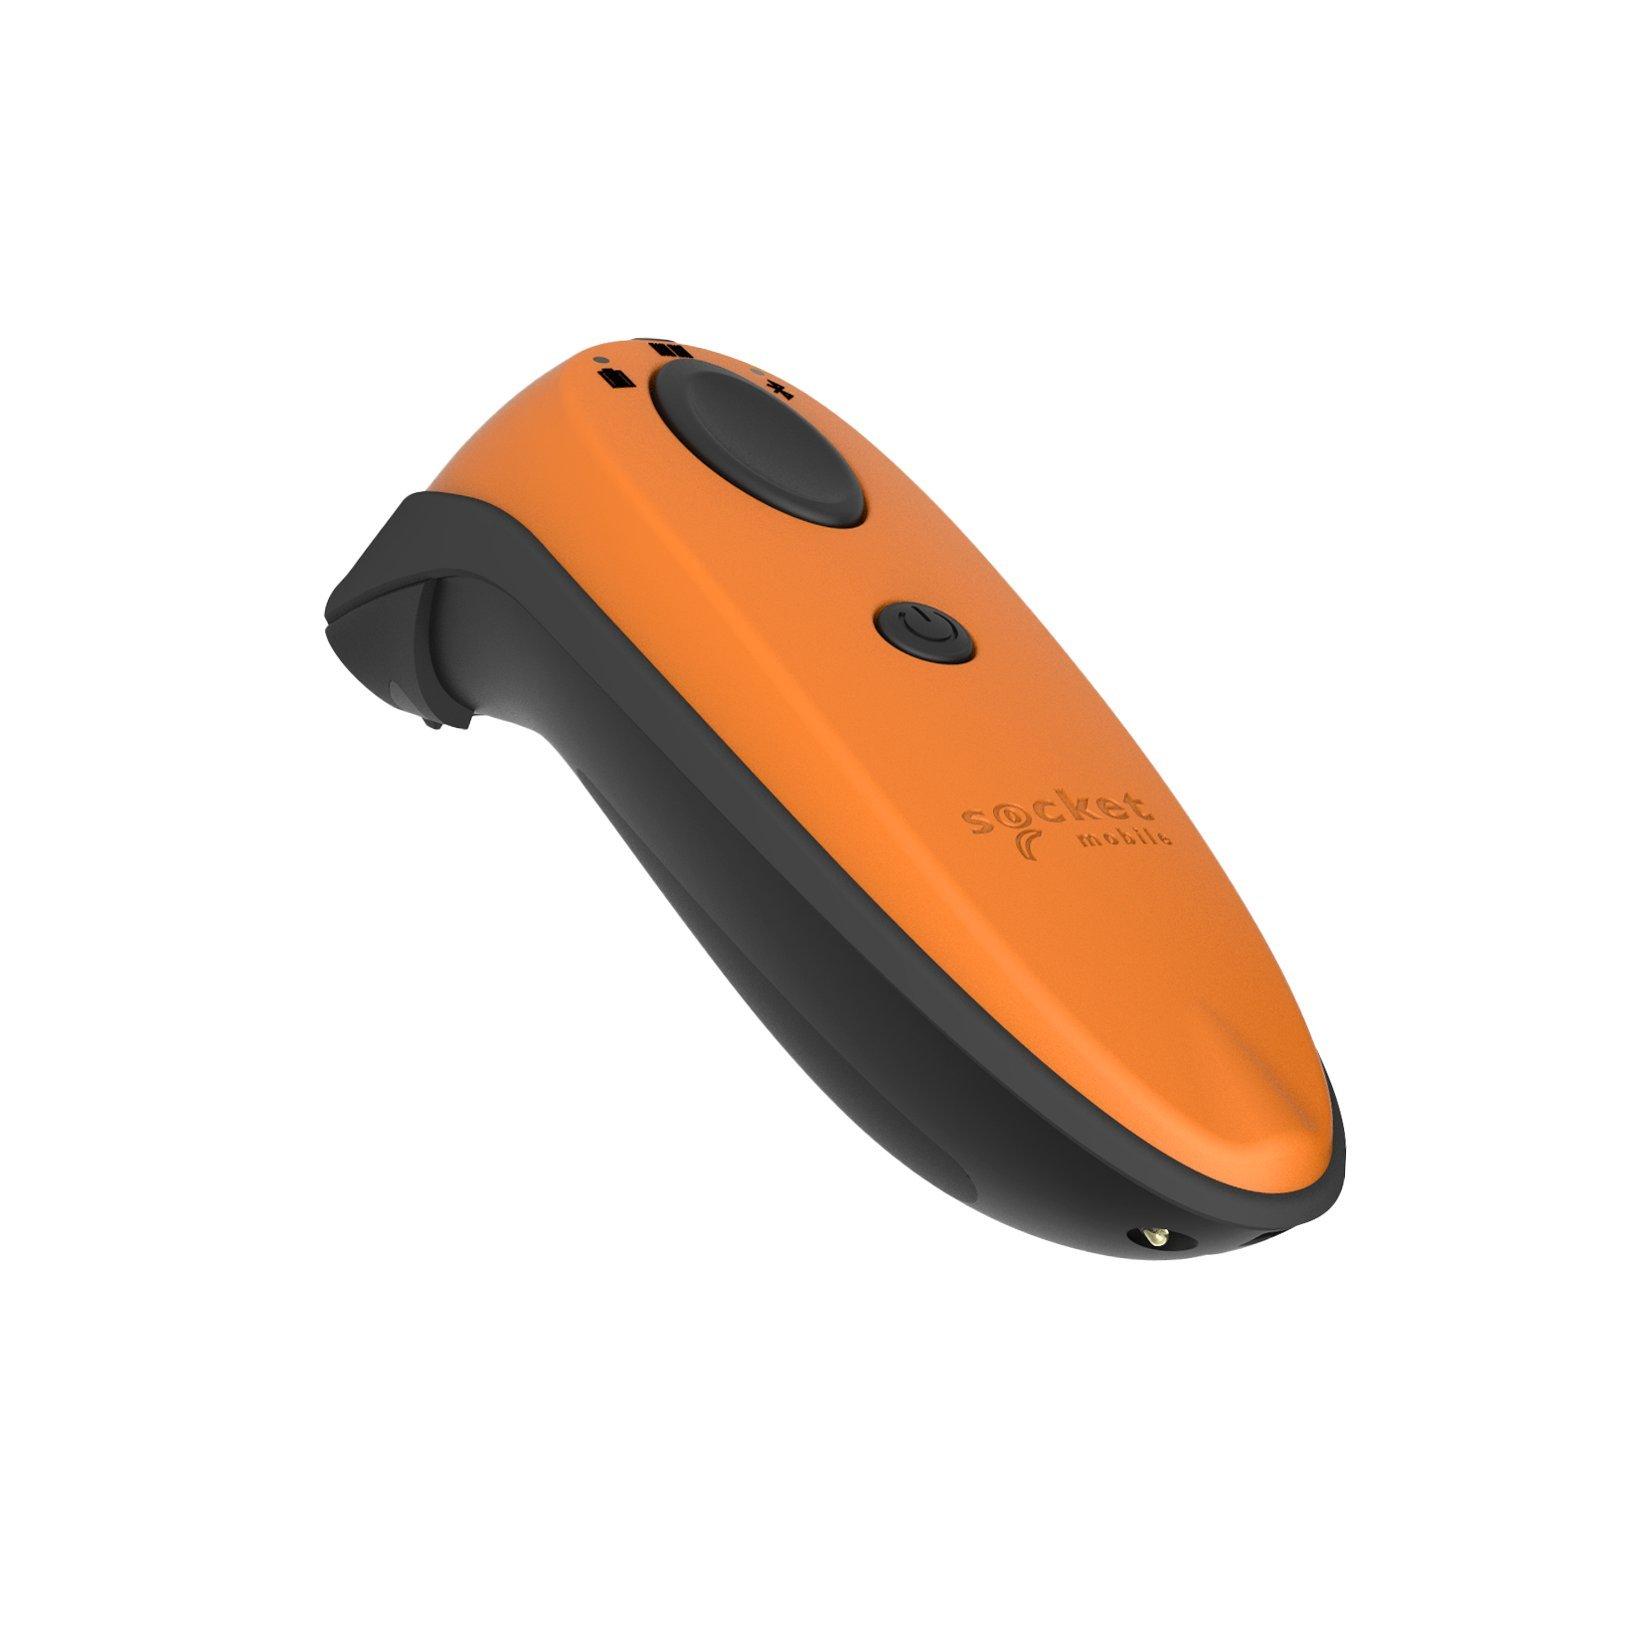 DuraScan D730, 1D Laser Barcode Scanner, Orange